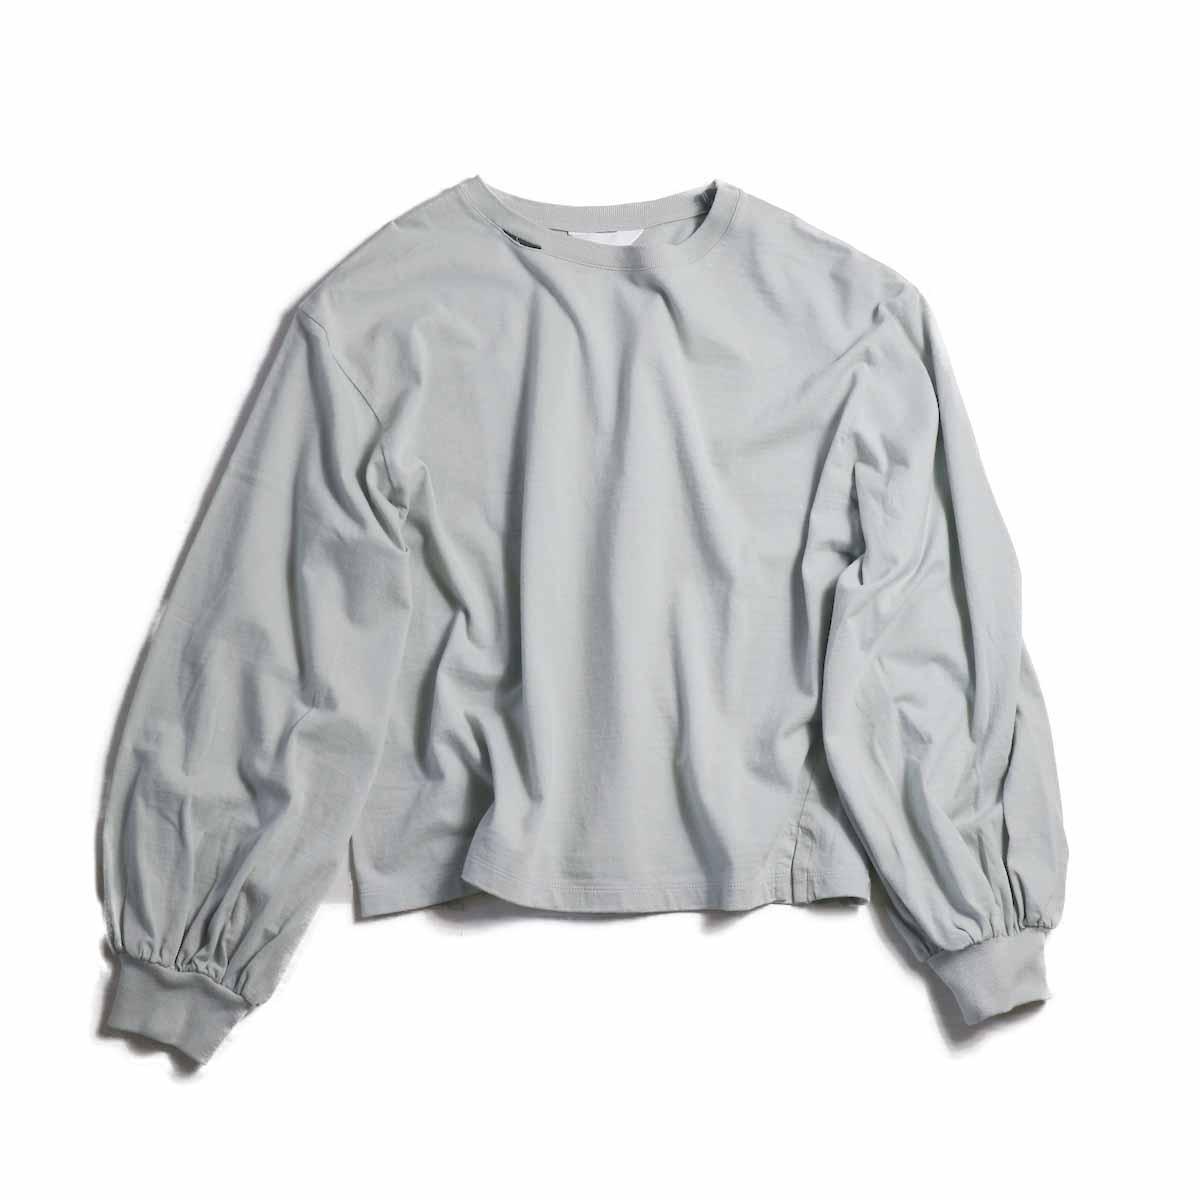 UNUSED Ladie's / US1504 Long Sleeve T-shirt  -STORM GRAY